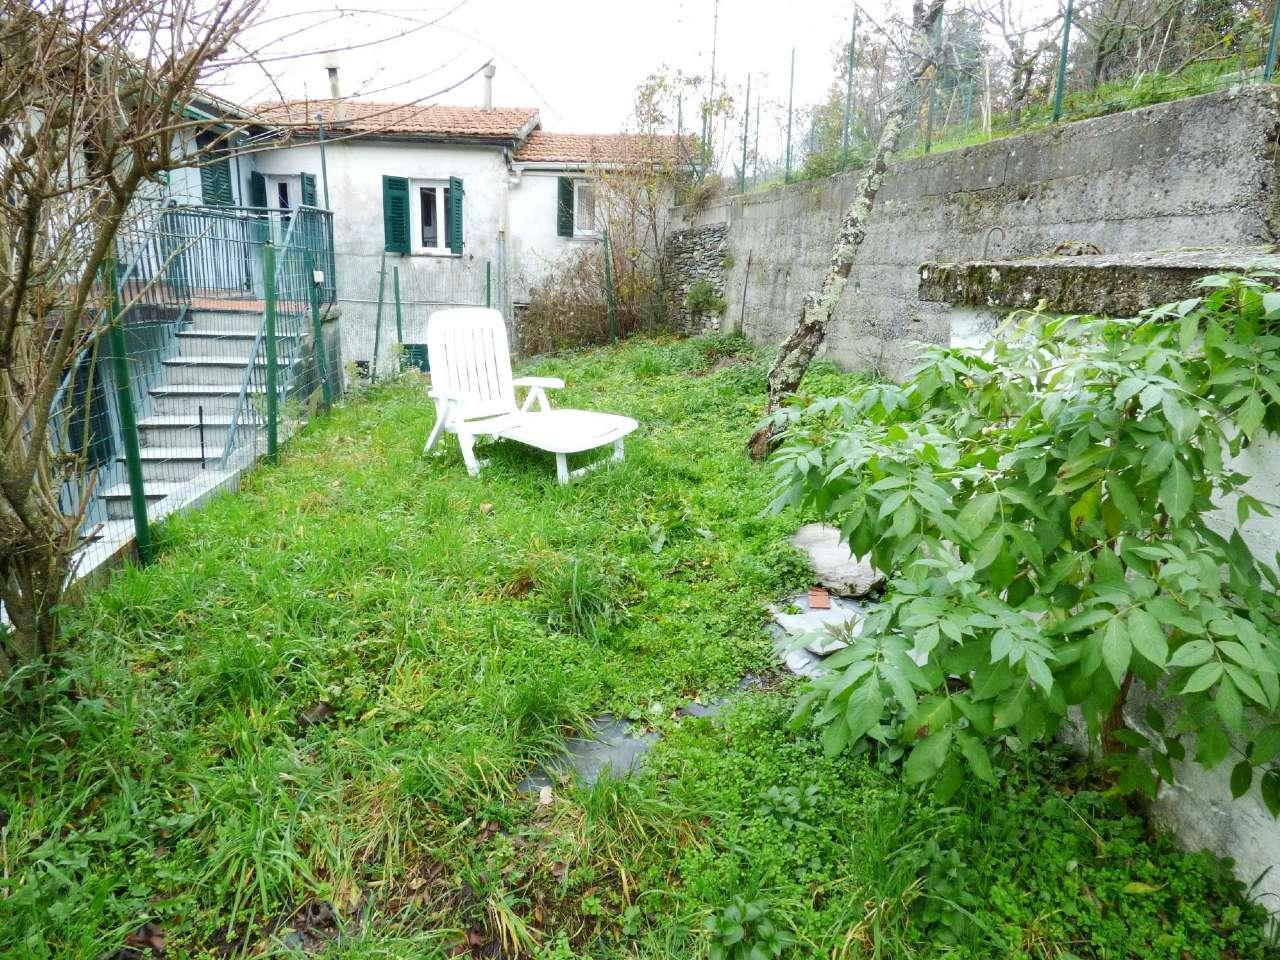 Soluzione Semindipendente in vendita a Bargagli, 4 locali, prezzo € 69.000 | CambioCasa.it